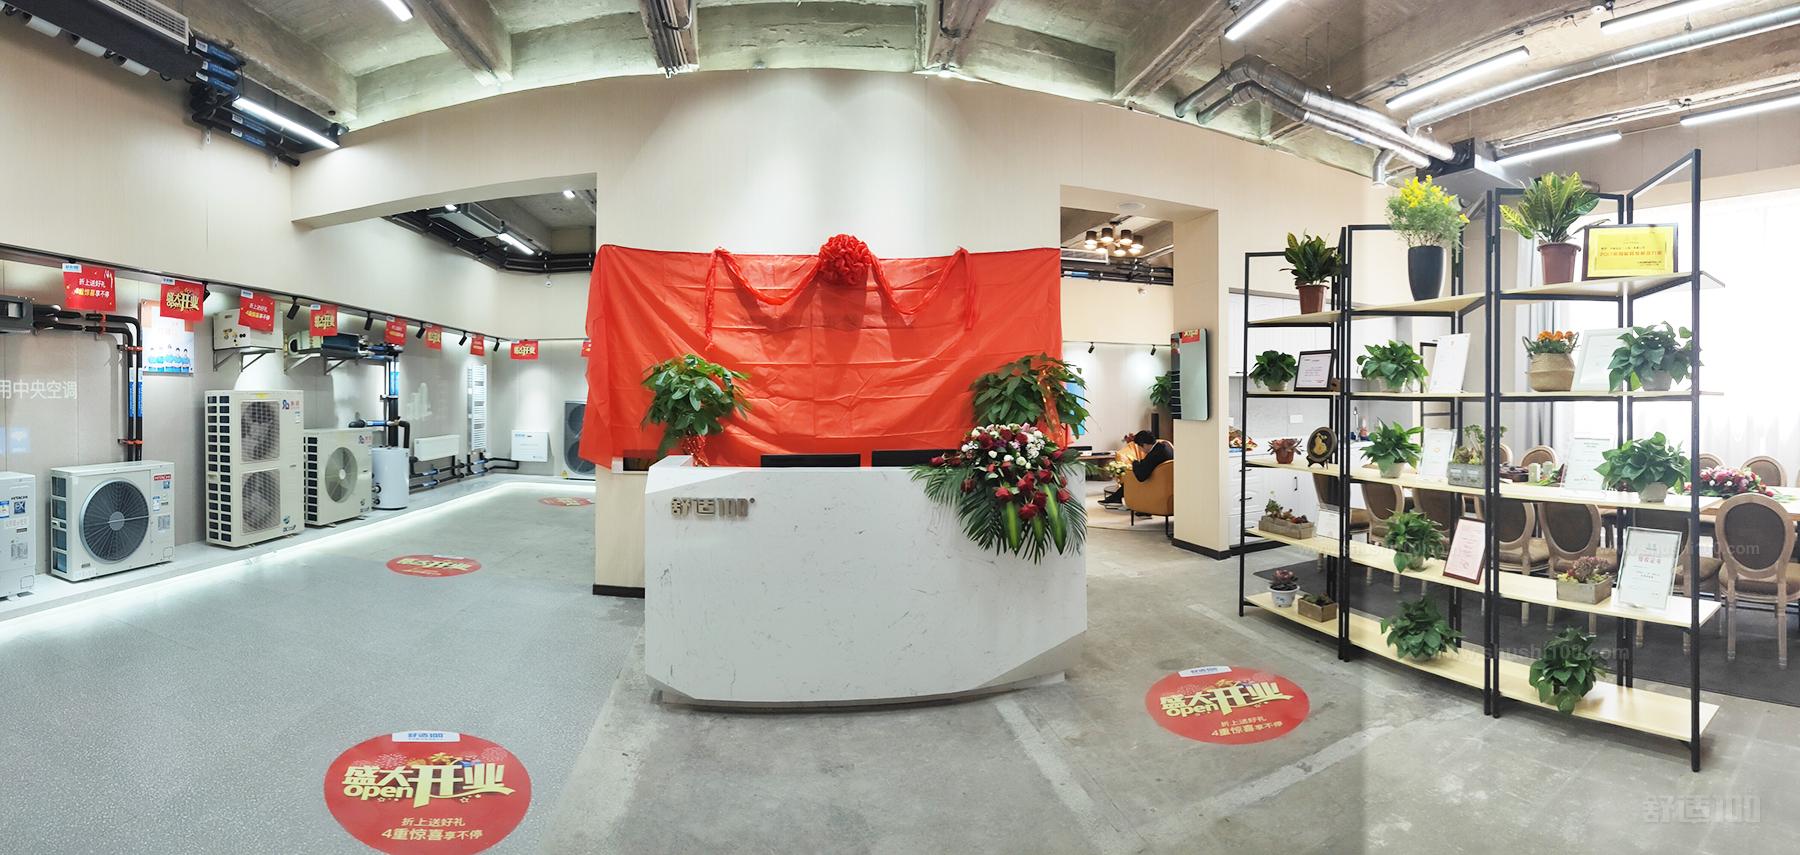 舒適100作為舒適集成新零售平臺,整合上游國內外知名品牌供應鏈